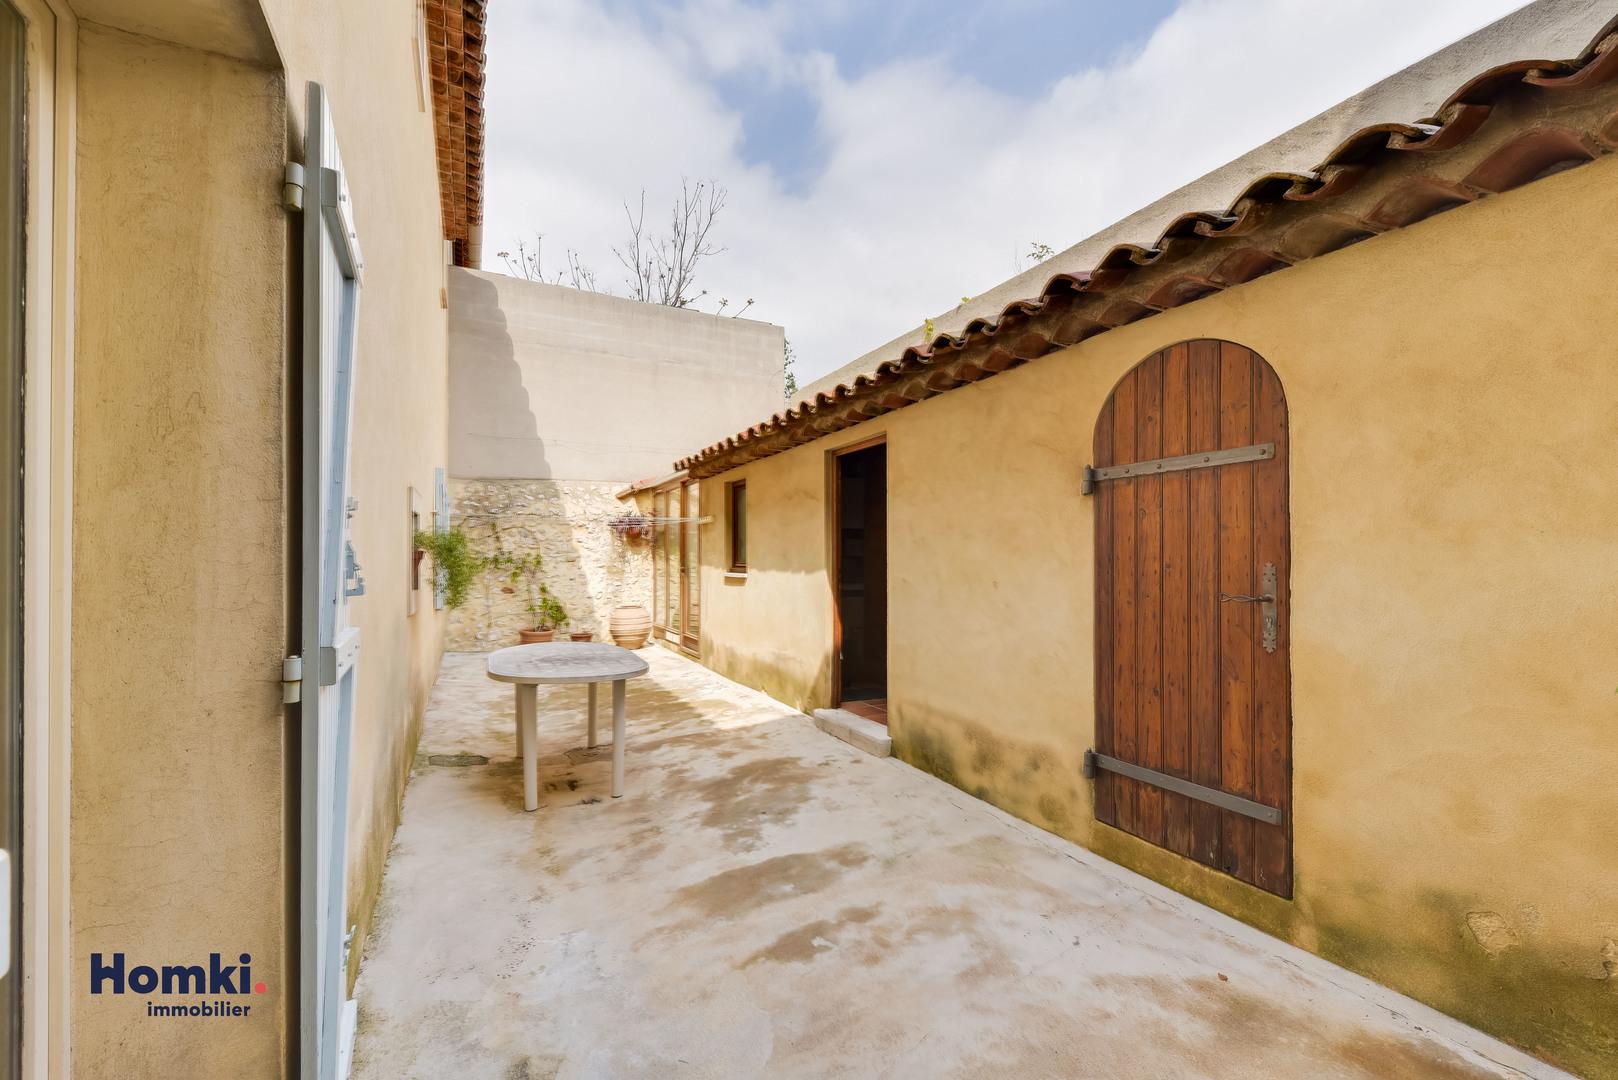 Vente Maison 105m² T4 13007 ROUCAS BOMPARD_9